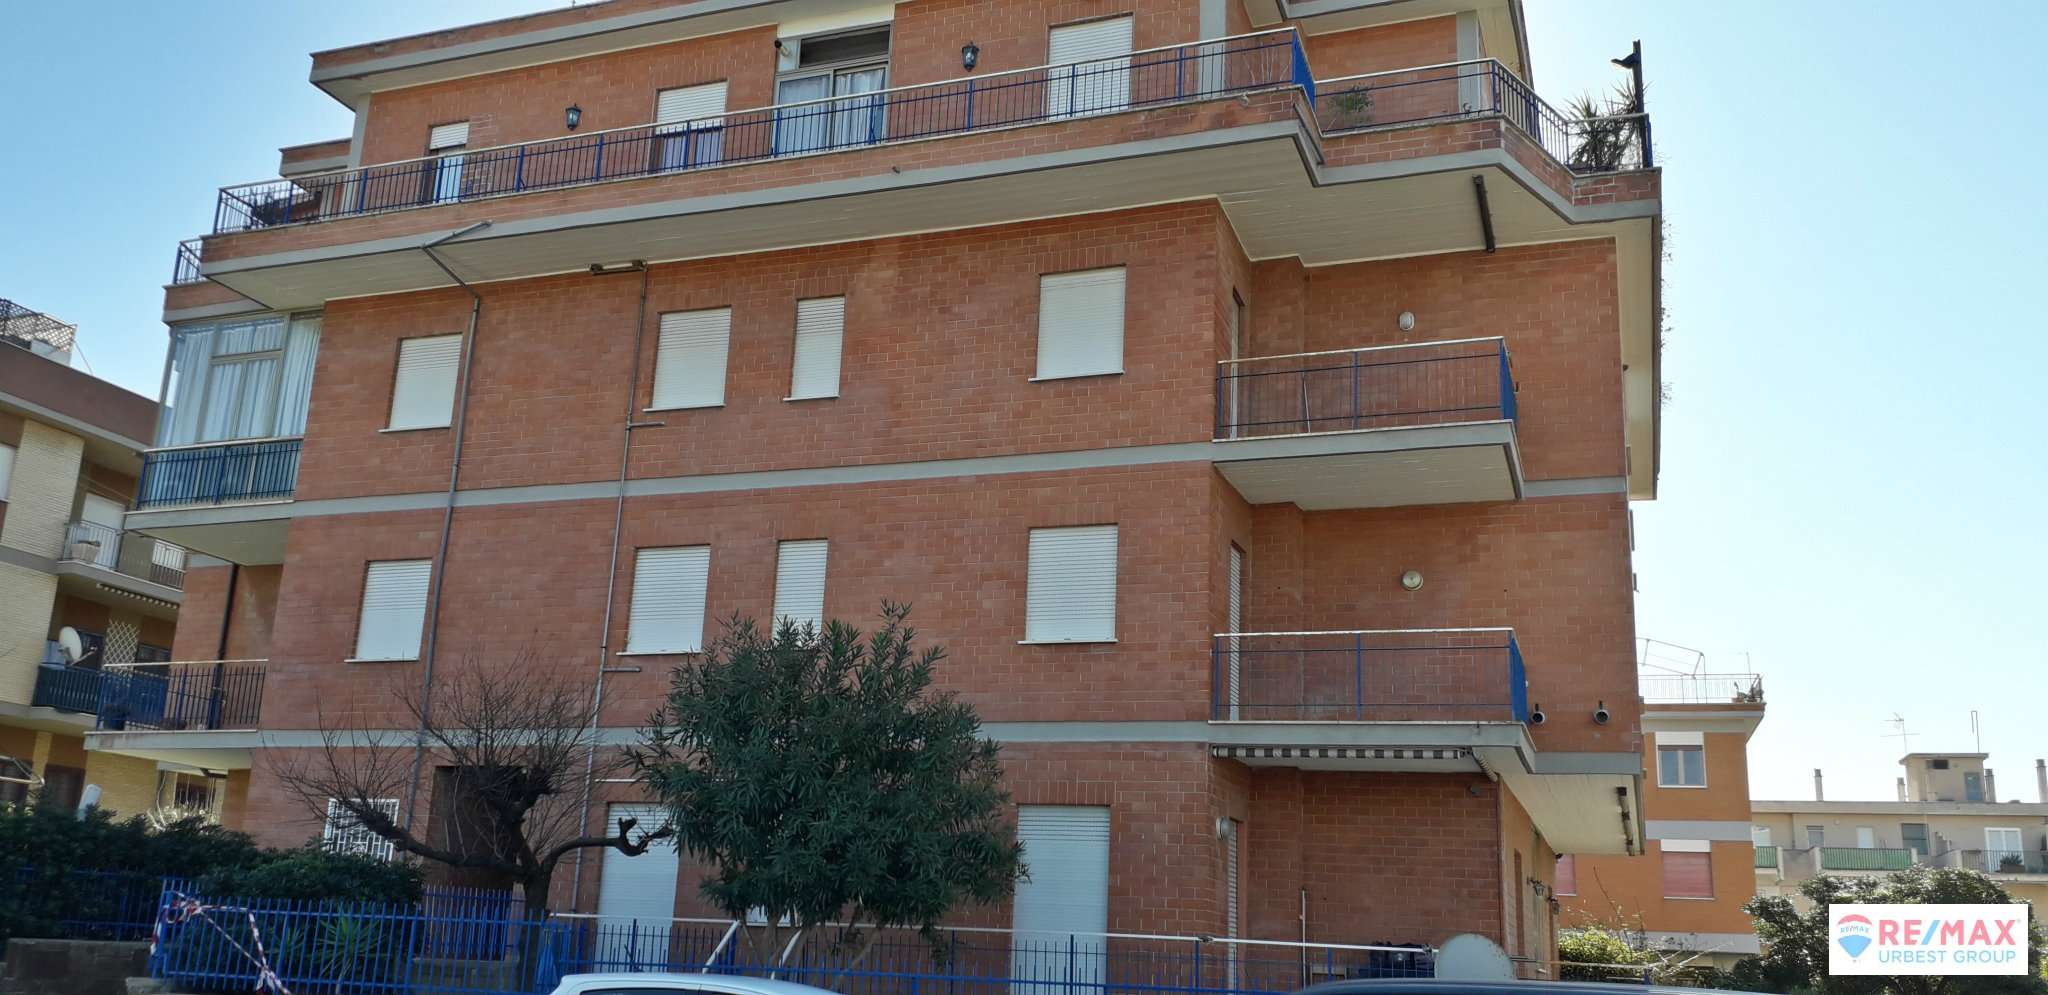 Appartamento in vendita a Santa Marinella, 3 locali, prezzo € 120.000 | PortaleAgenzieImmobiliari.it